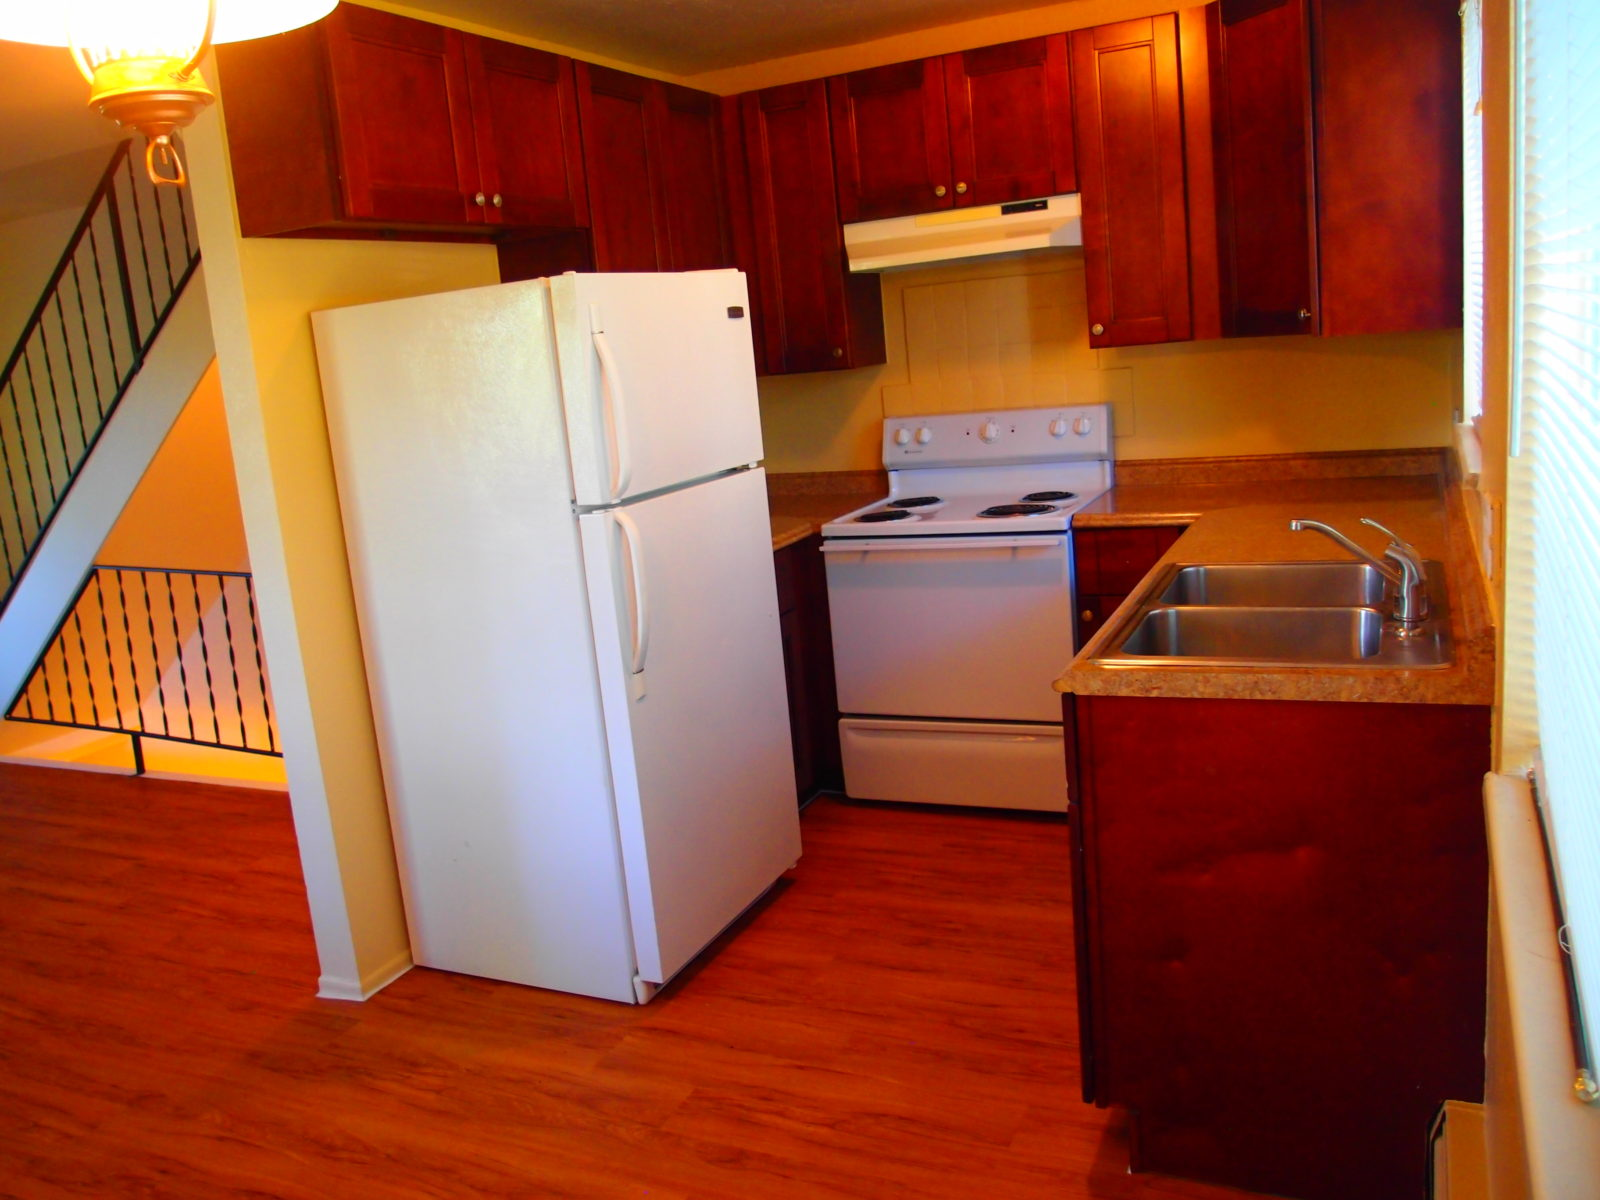 2473 3 kitchen